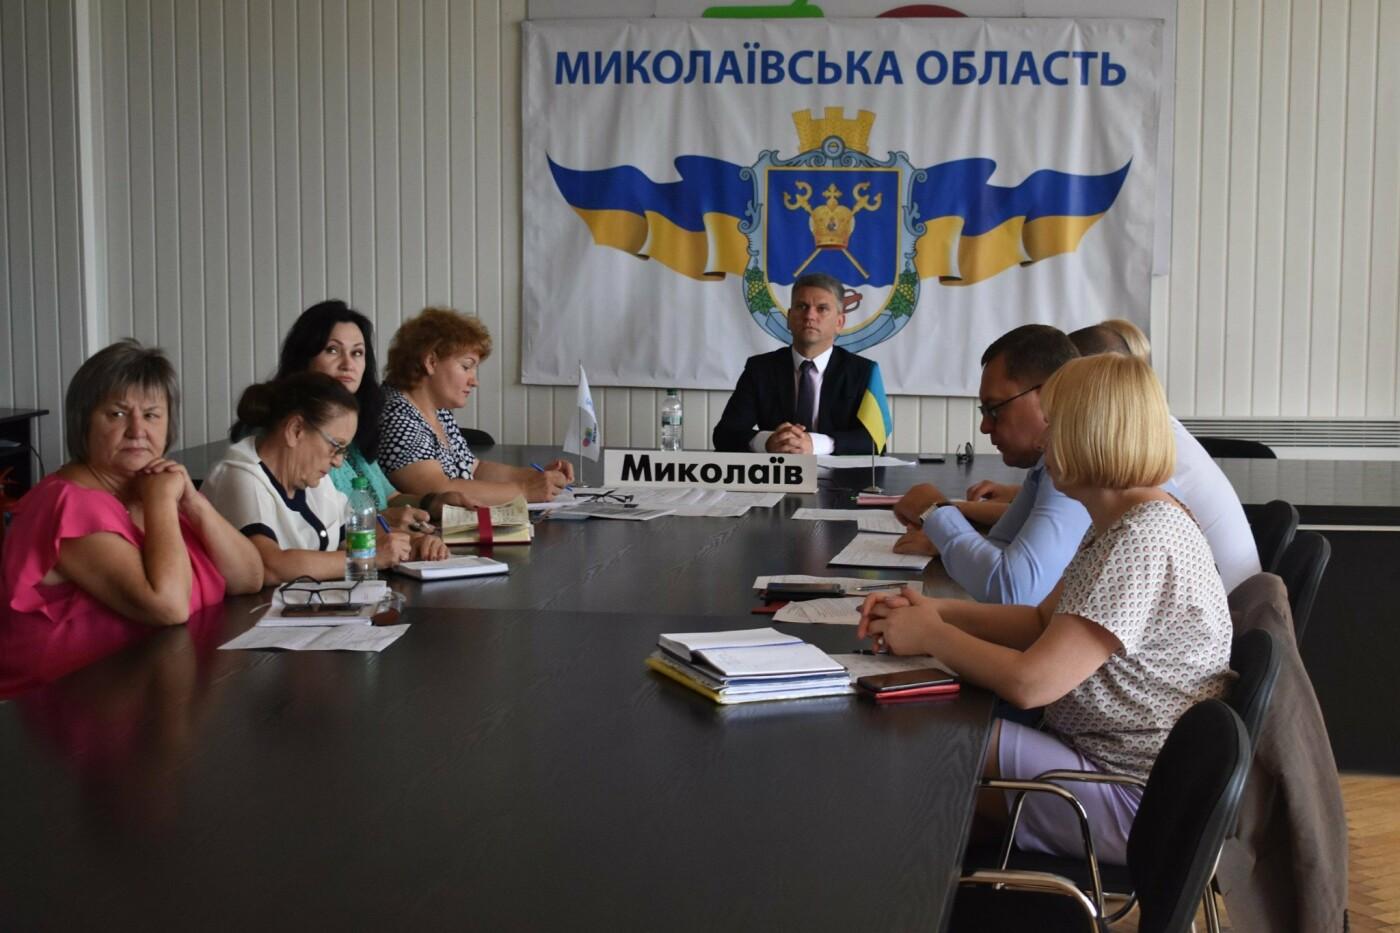 Николаевщина приняла участие в заседании Координационного совета по вопросам реформы образования, фото-3